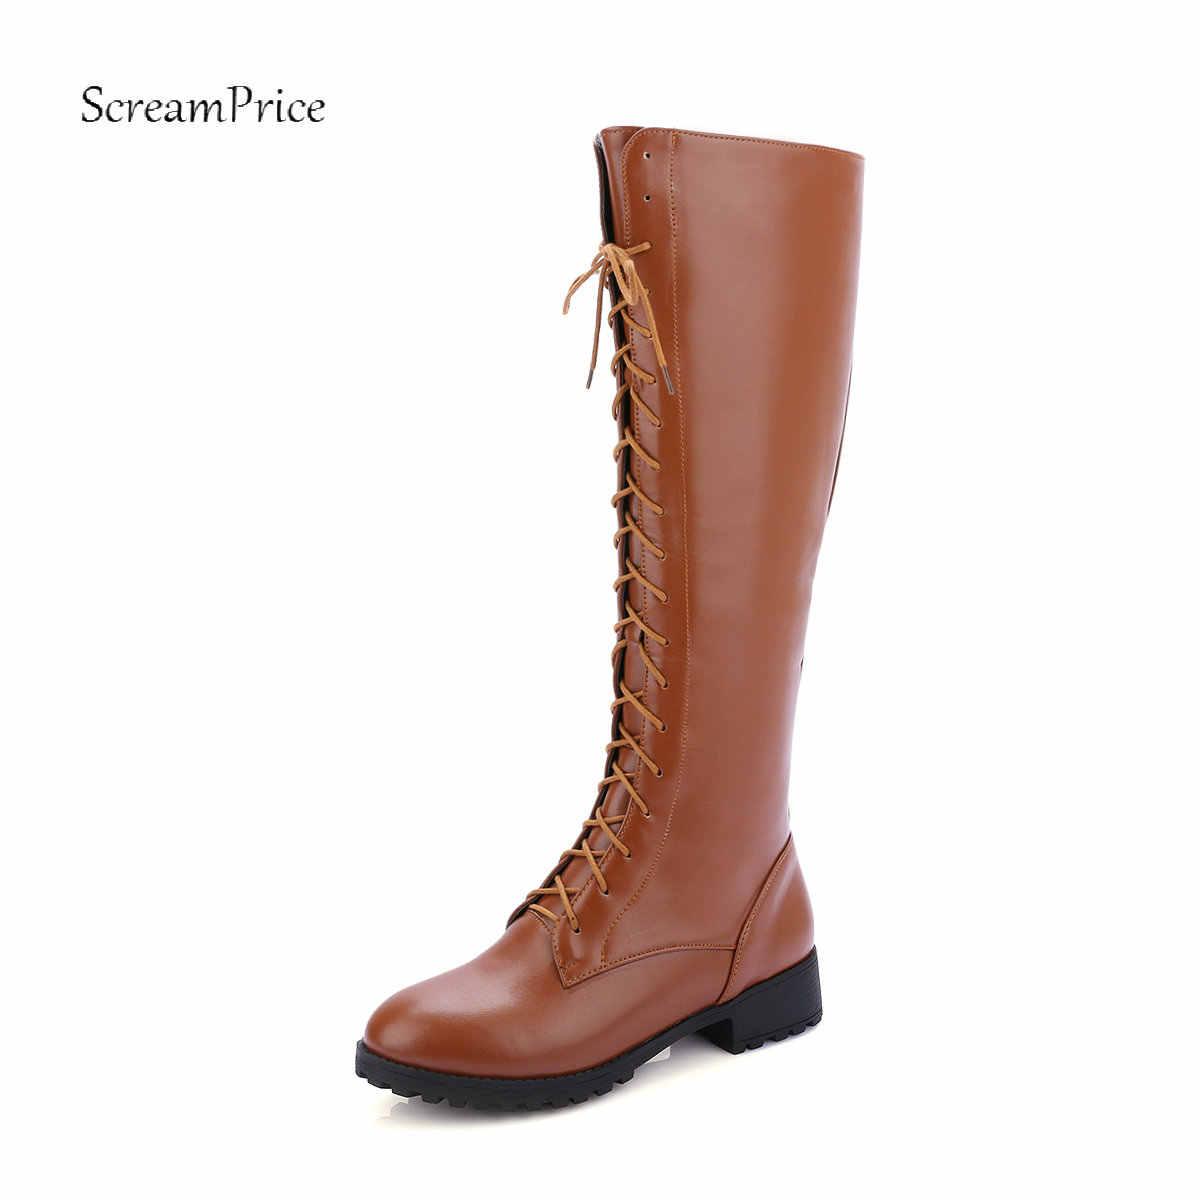 Ví nữ Da PU Giày Bốt Martin Dày Gót Thấp Đầu Gối Giày Cao Nền Tảng Dây Kéo Mùa Đông Thoải Mái Thời Trang Nữ Giày Nữ Giày 2018